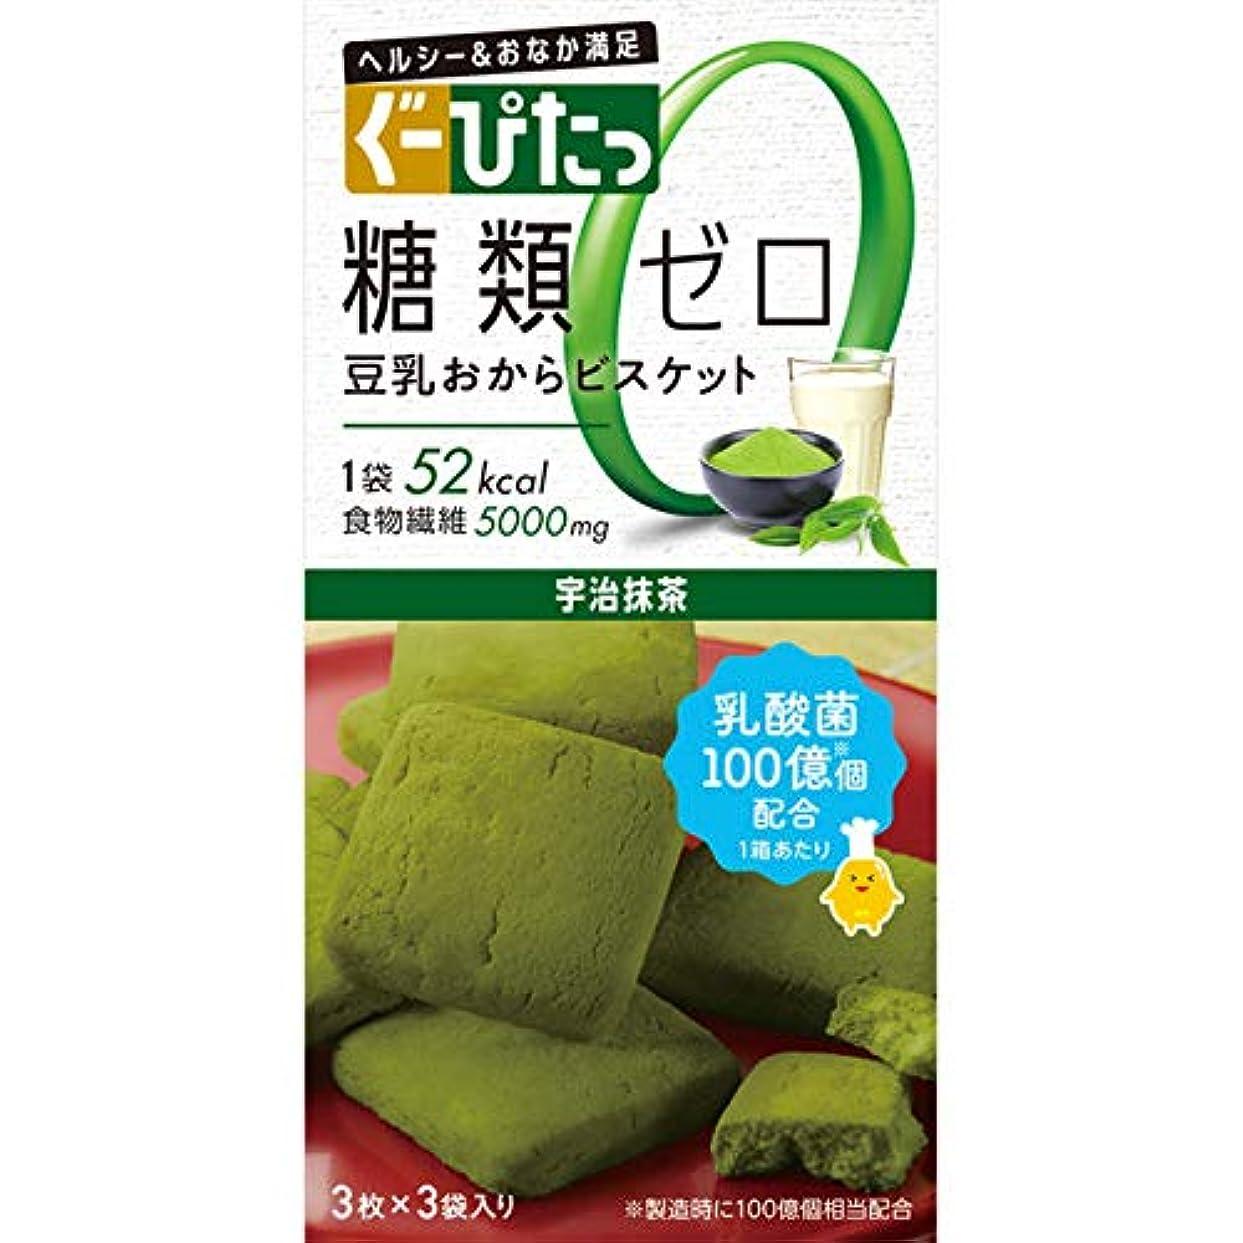 経歴任命ハンサムナリスアップ ぐーぴたっ 豆乳おからビスケット 抹茶 (3枚×3袋) ダイエット食品